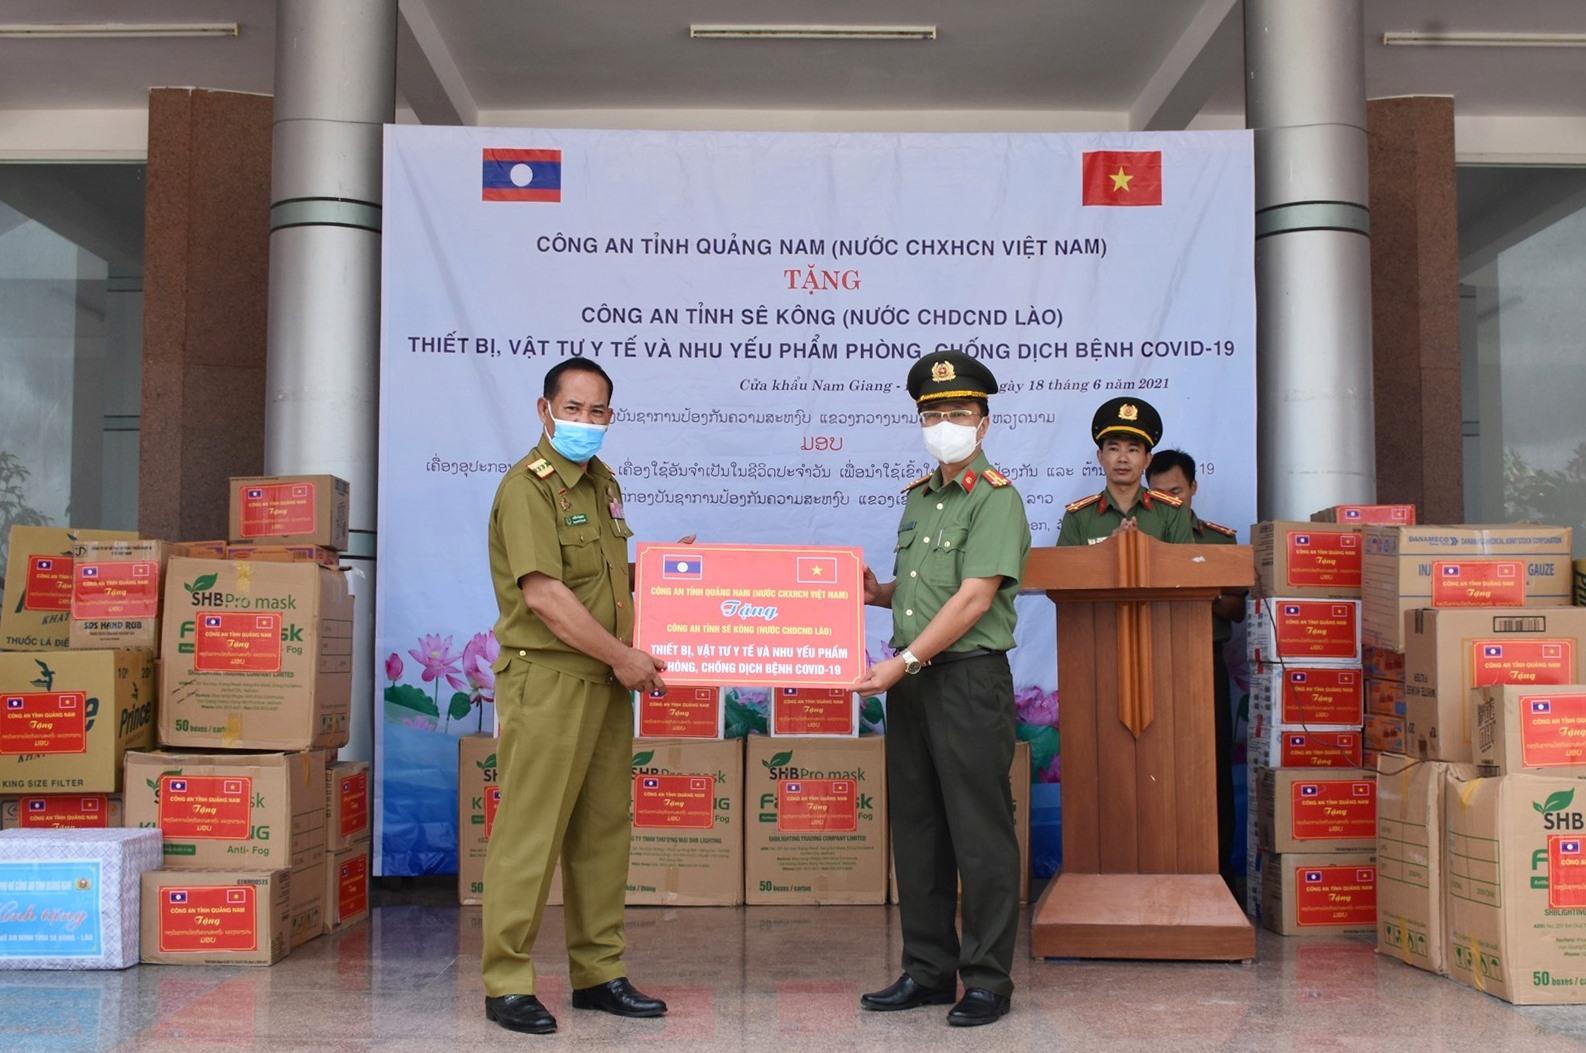 Thượng tá Nguyễn Thành Long tặng trang thiết bị, vật tư y tế phòng chống Covid-19 cho Công an tỉnh Sê Kông. Ảnh: Q.H